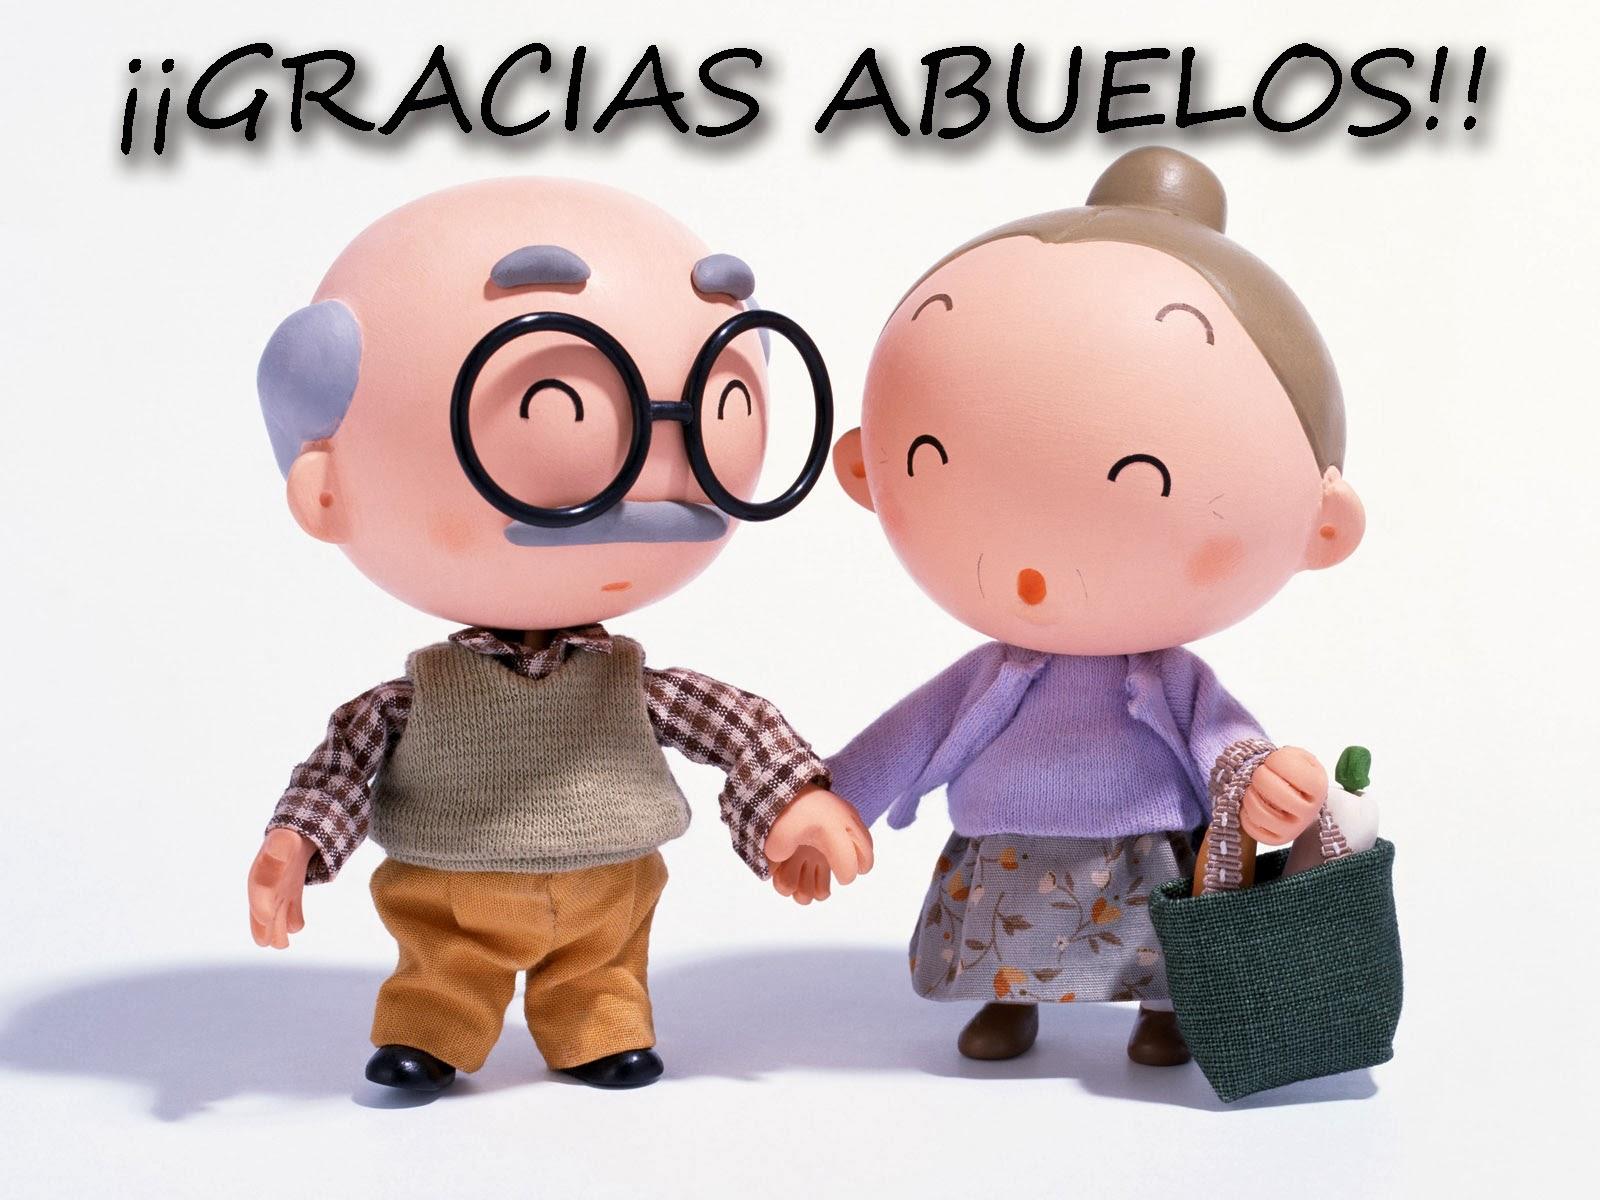 Imagenes Del DIA De Los Abuelos